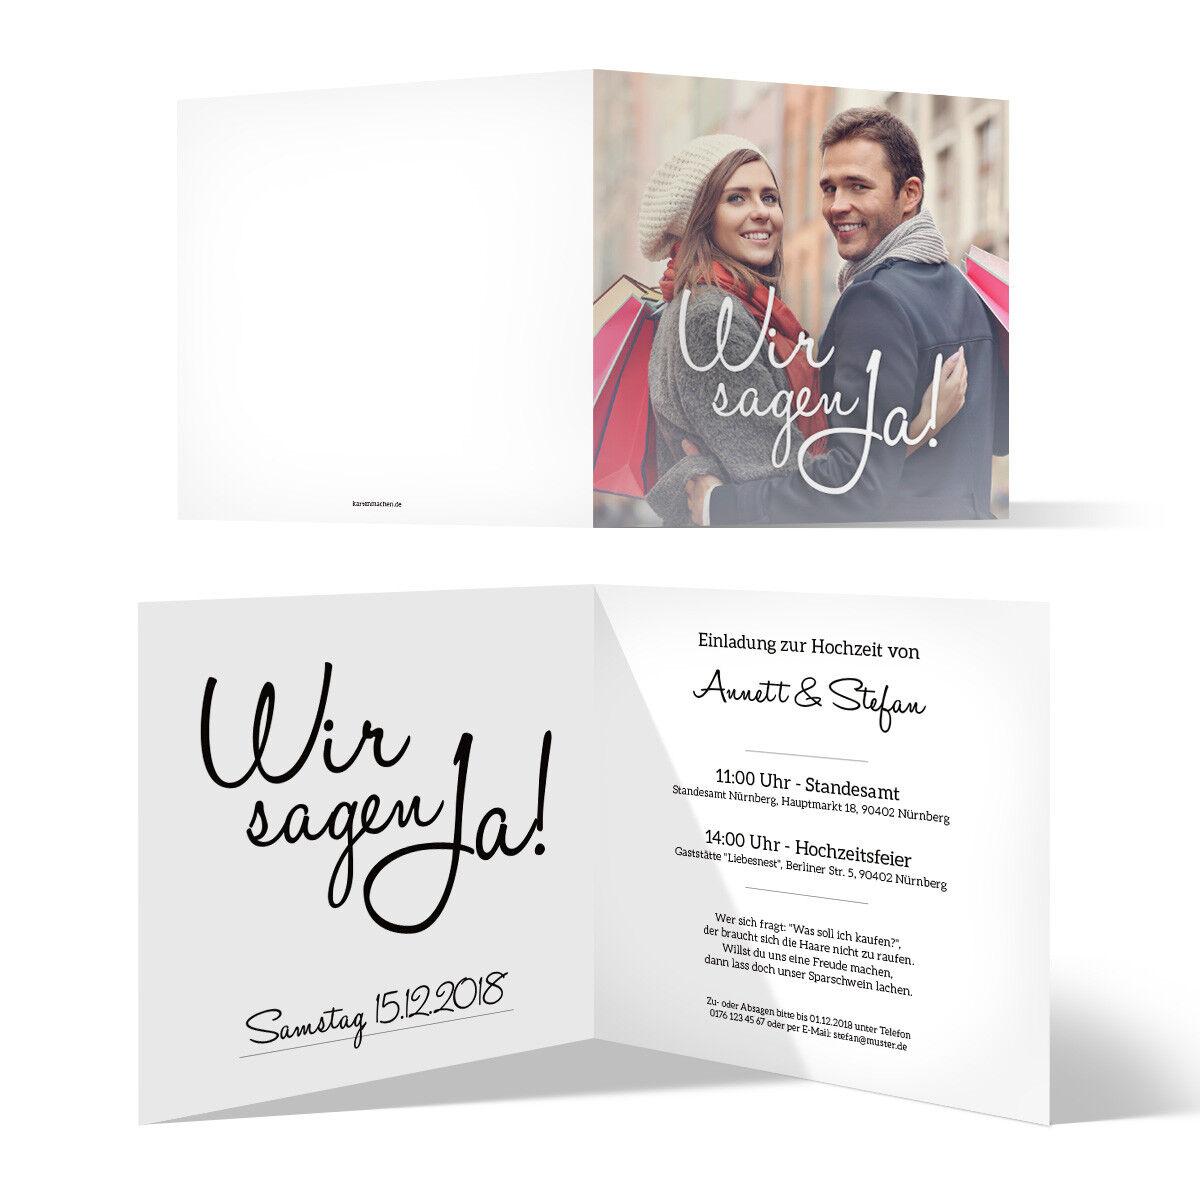 Hochzeit hochzeit hochzeit einladungskarten hochzeitseinladungen quadrat klappkarte wir sagen ja c91ba0